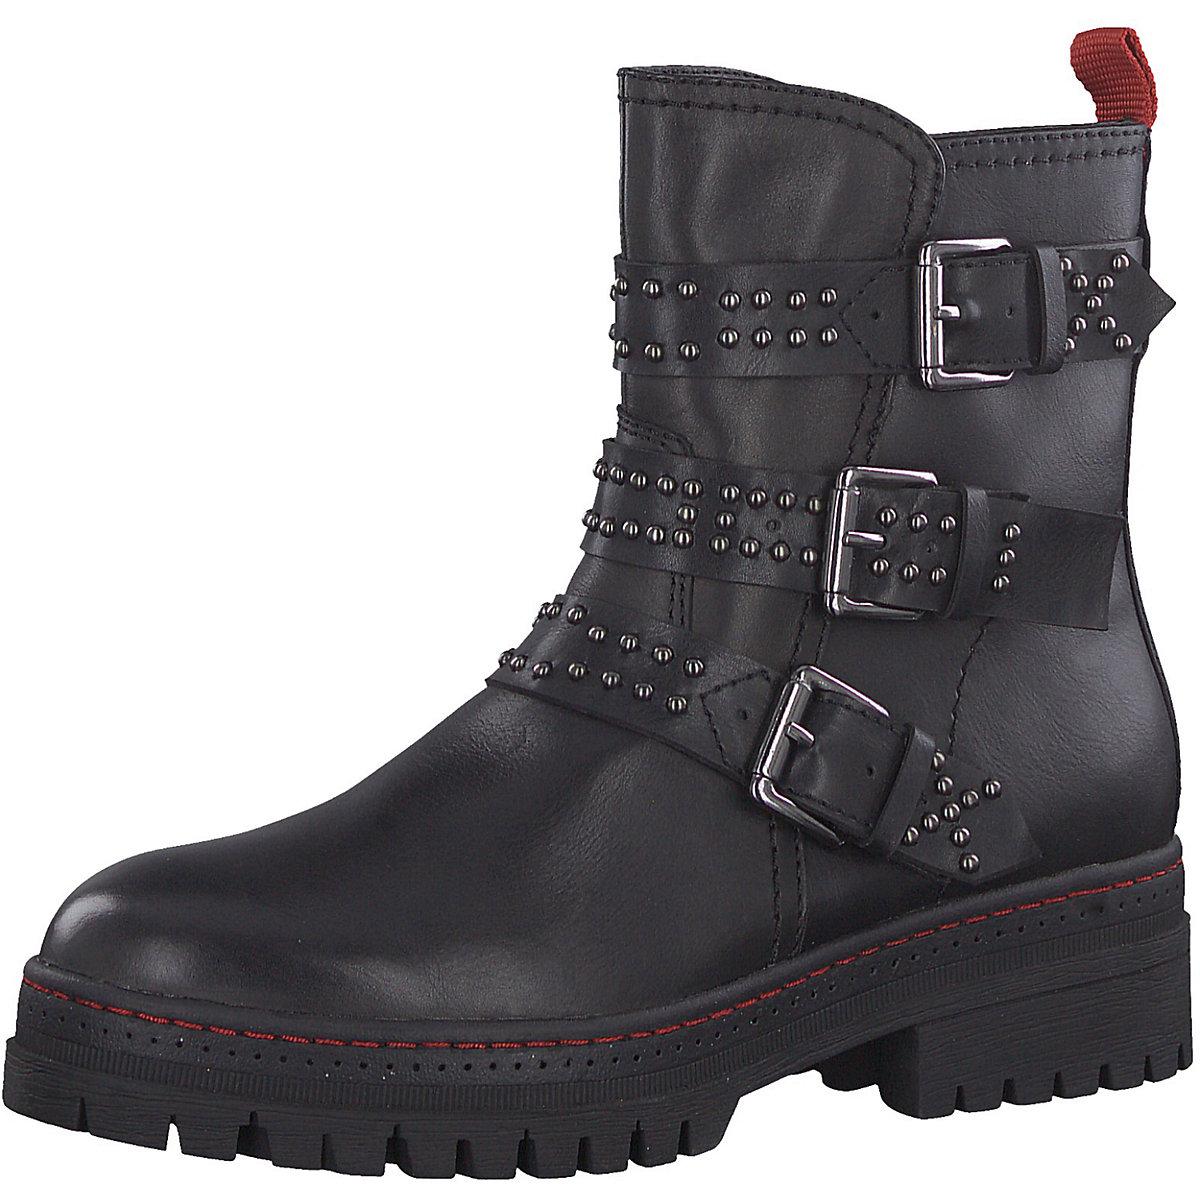 Tamaris, Biker Stiefel, schwarz  Gute Qualität beliebte Schuhe